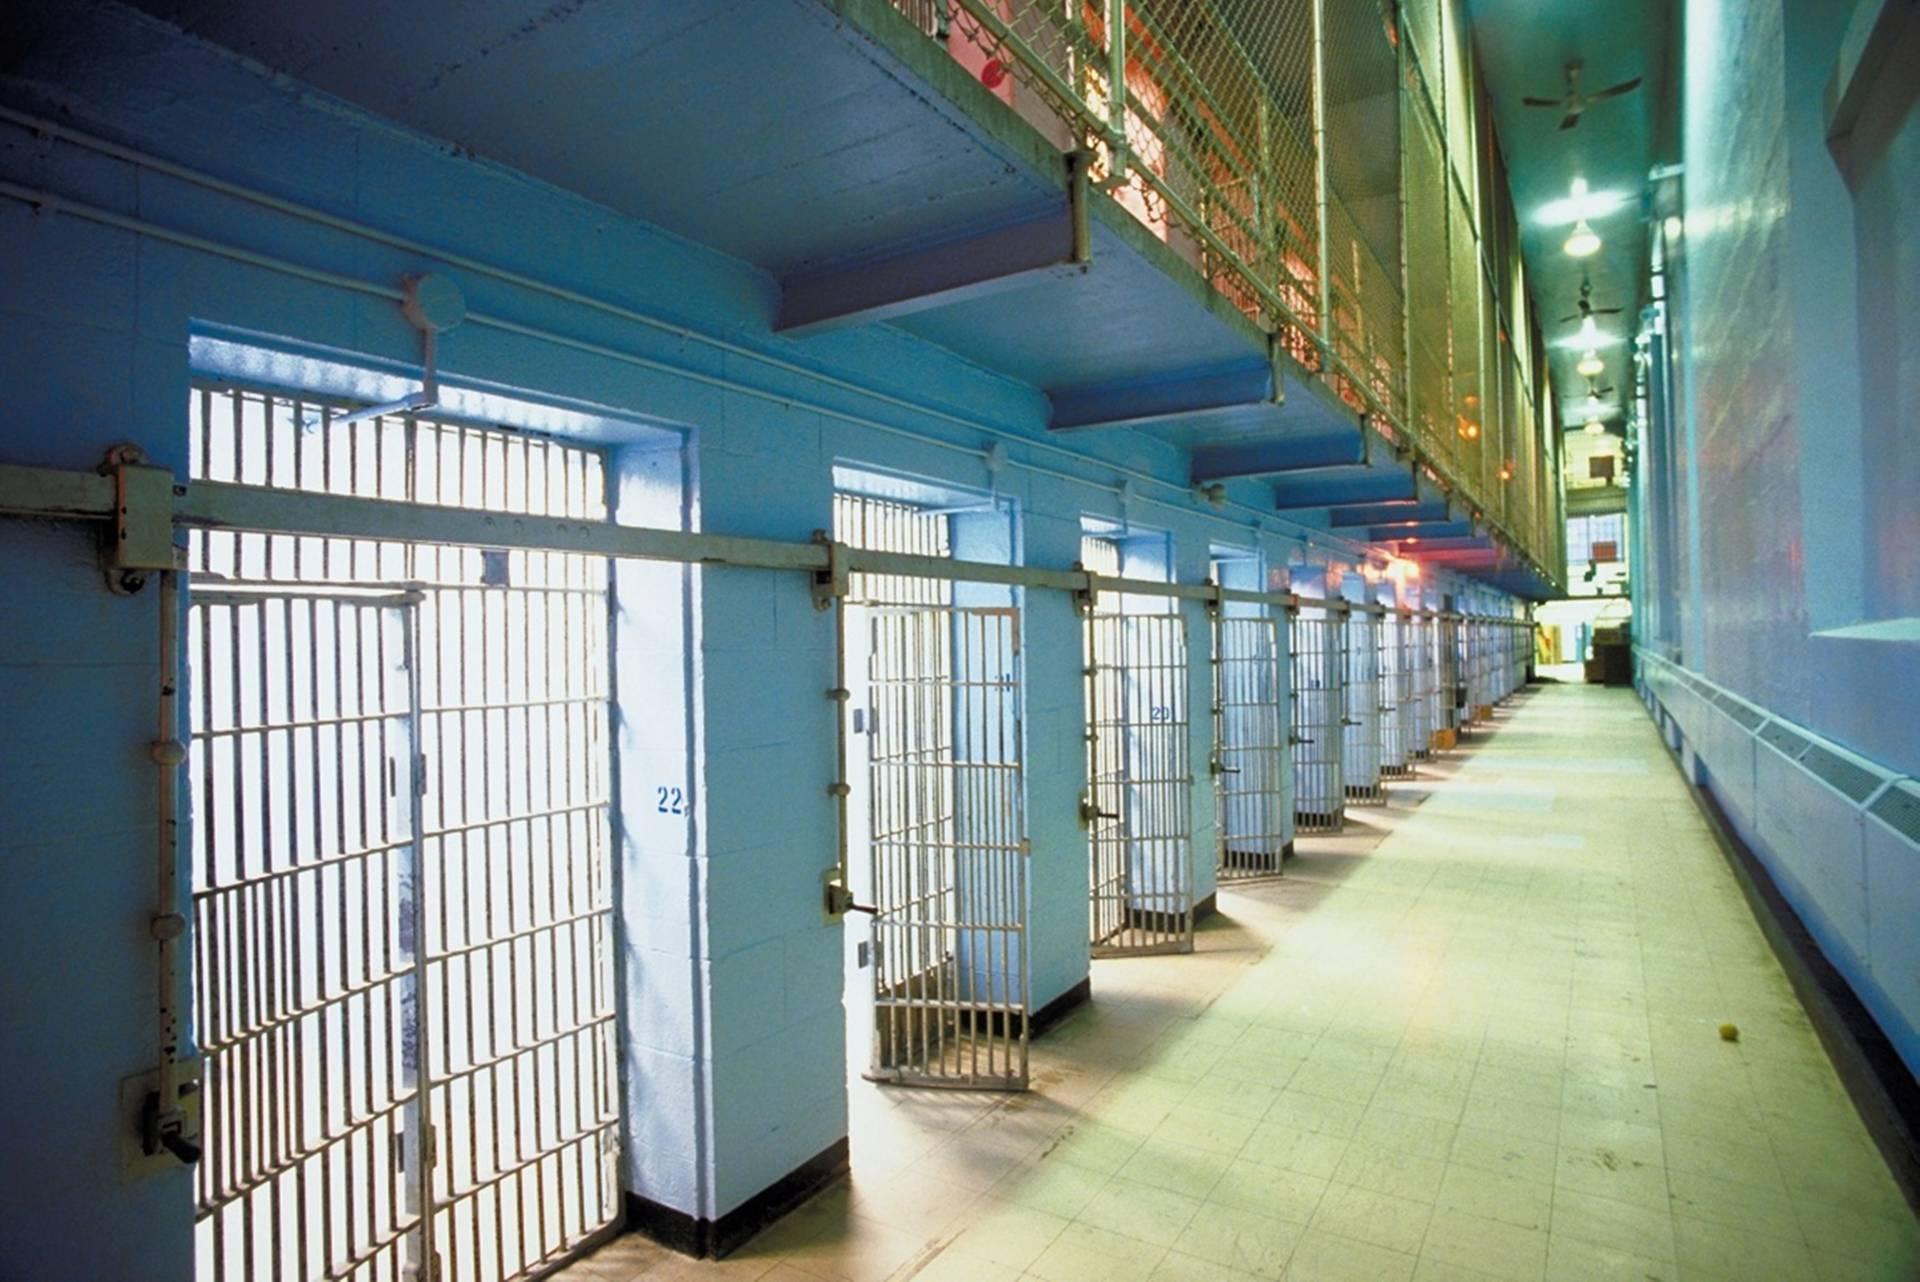 Στο ίδιο κελί και απομονωμένοι στις φυλακές Γρεβενών οι δολοφόνοι της Ελένης Τοπαλούδη